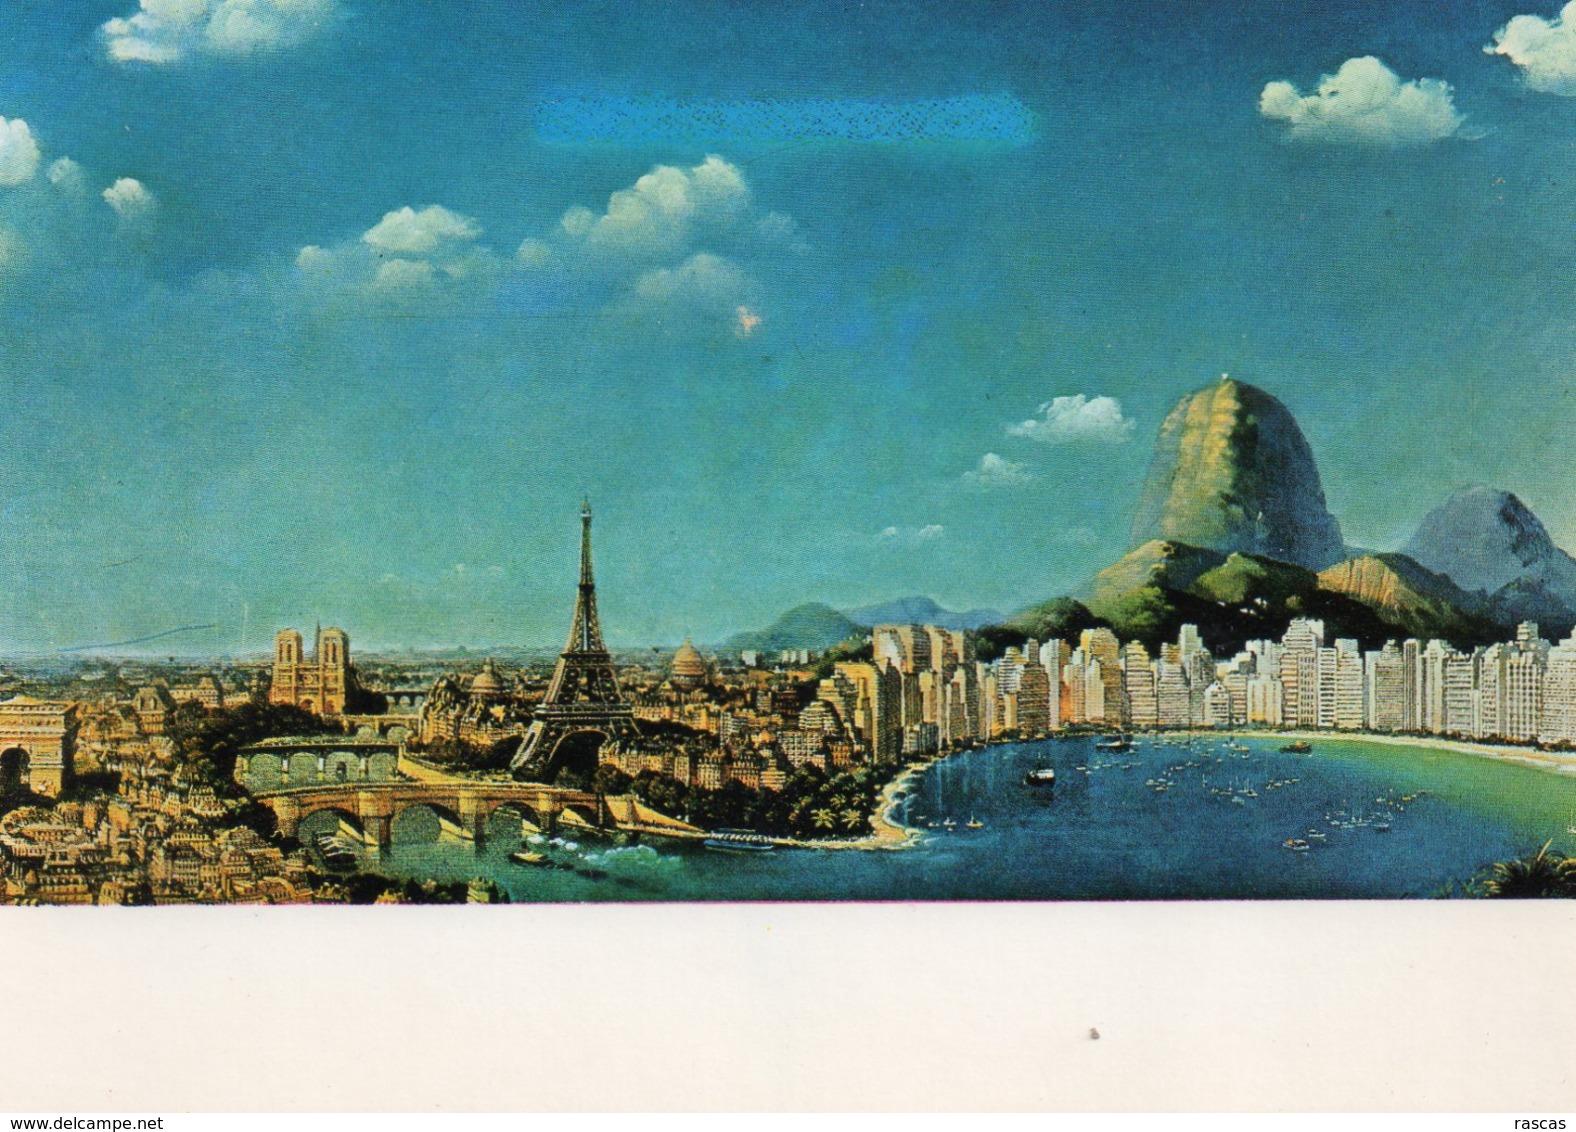 CPM - E - PEINTURE DE MICHEL DUBRE - REFAITES LE MONDE AVEC CONCORDE - TOUR EIFFEL - Pintura & Cuadros